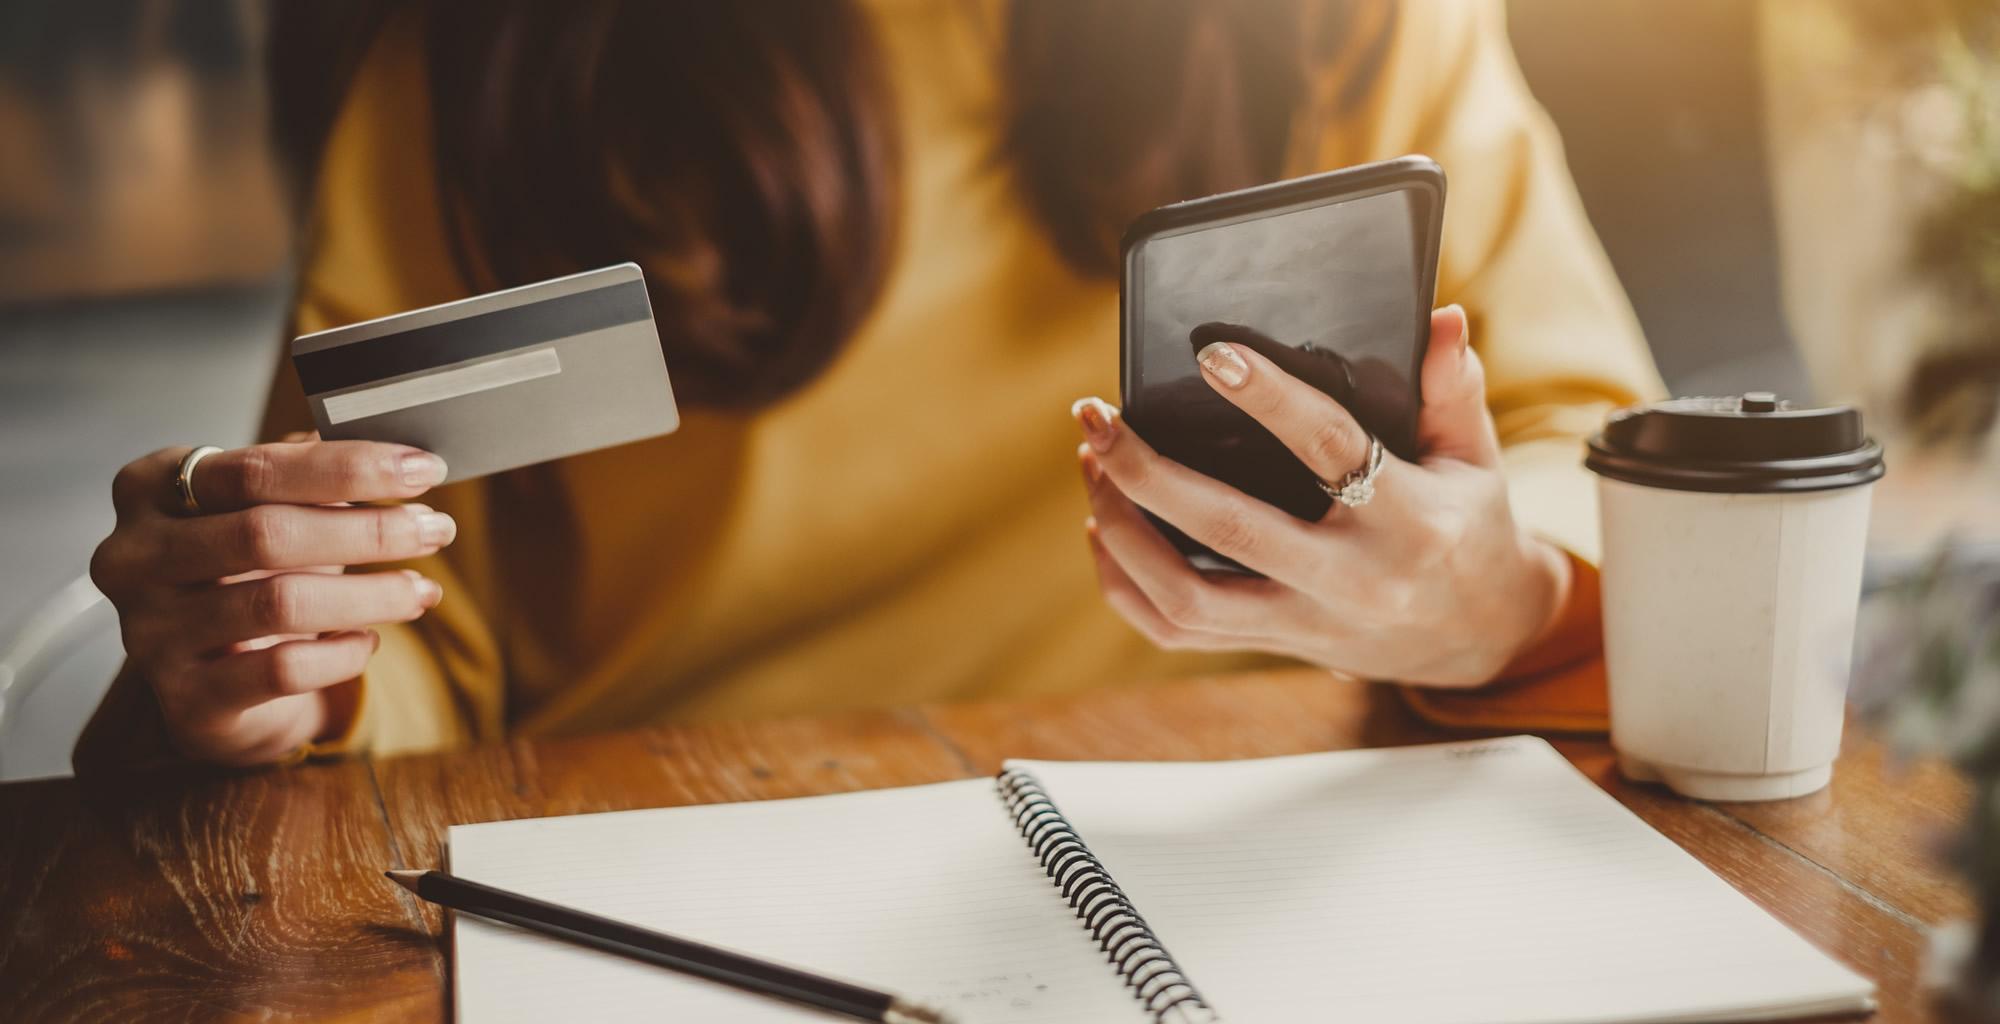 Cómo generar confianza en tu tienda online